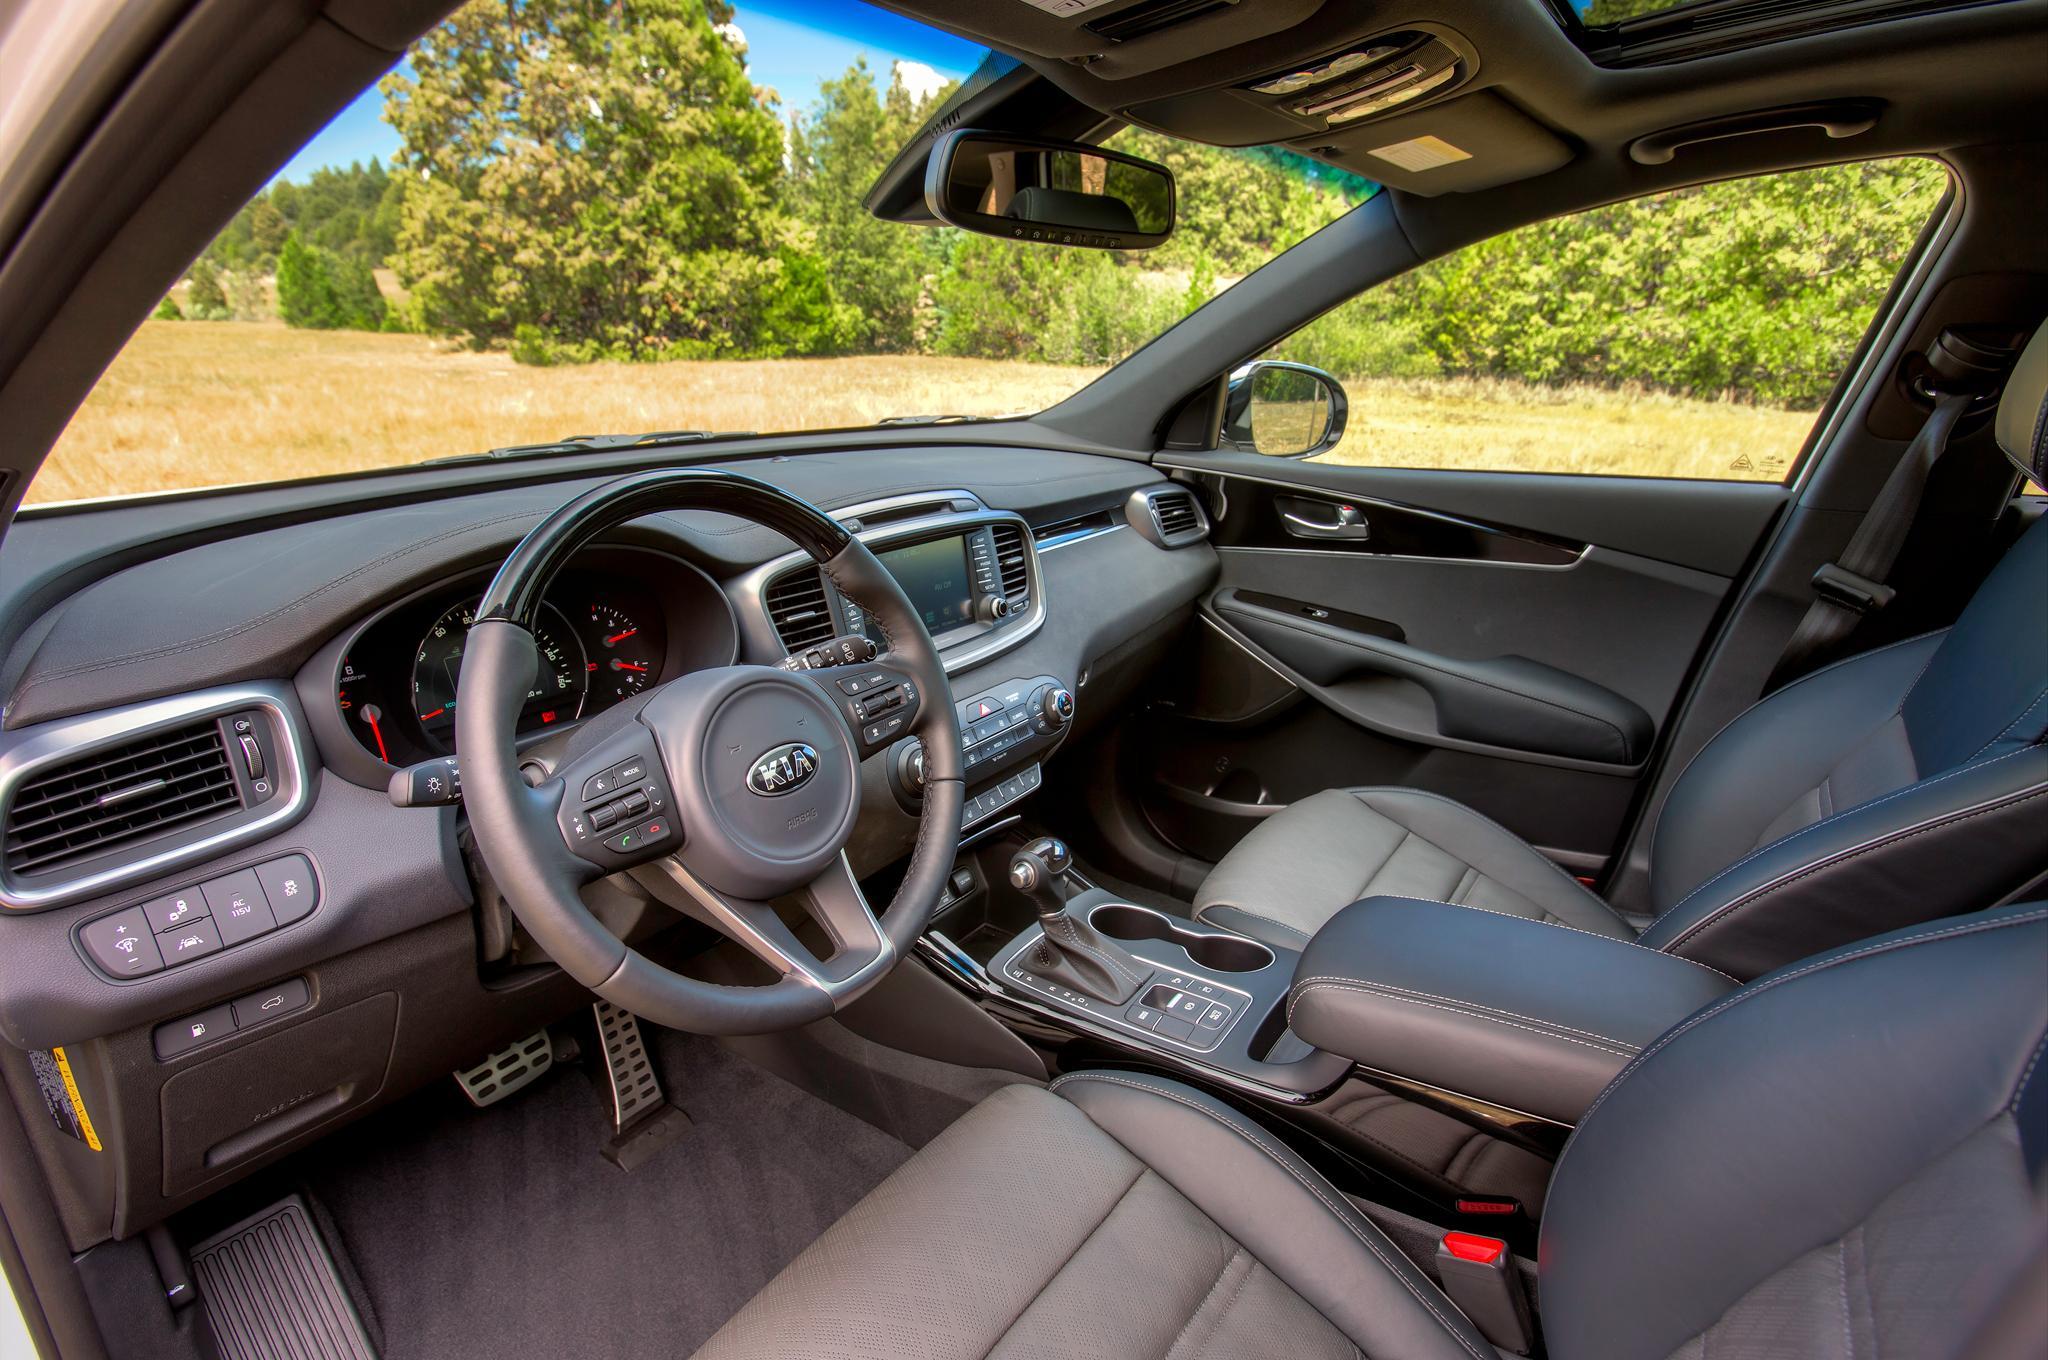 2016 Kia Sorento SXL Front Interior Photo